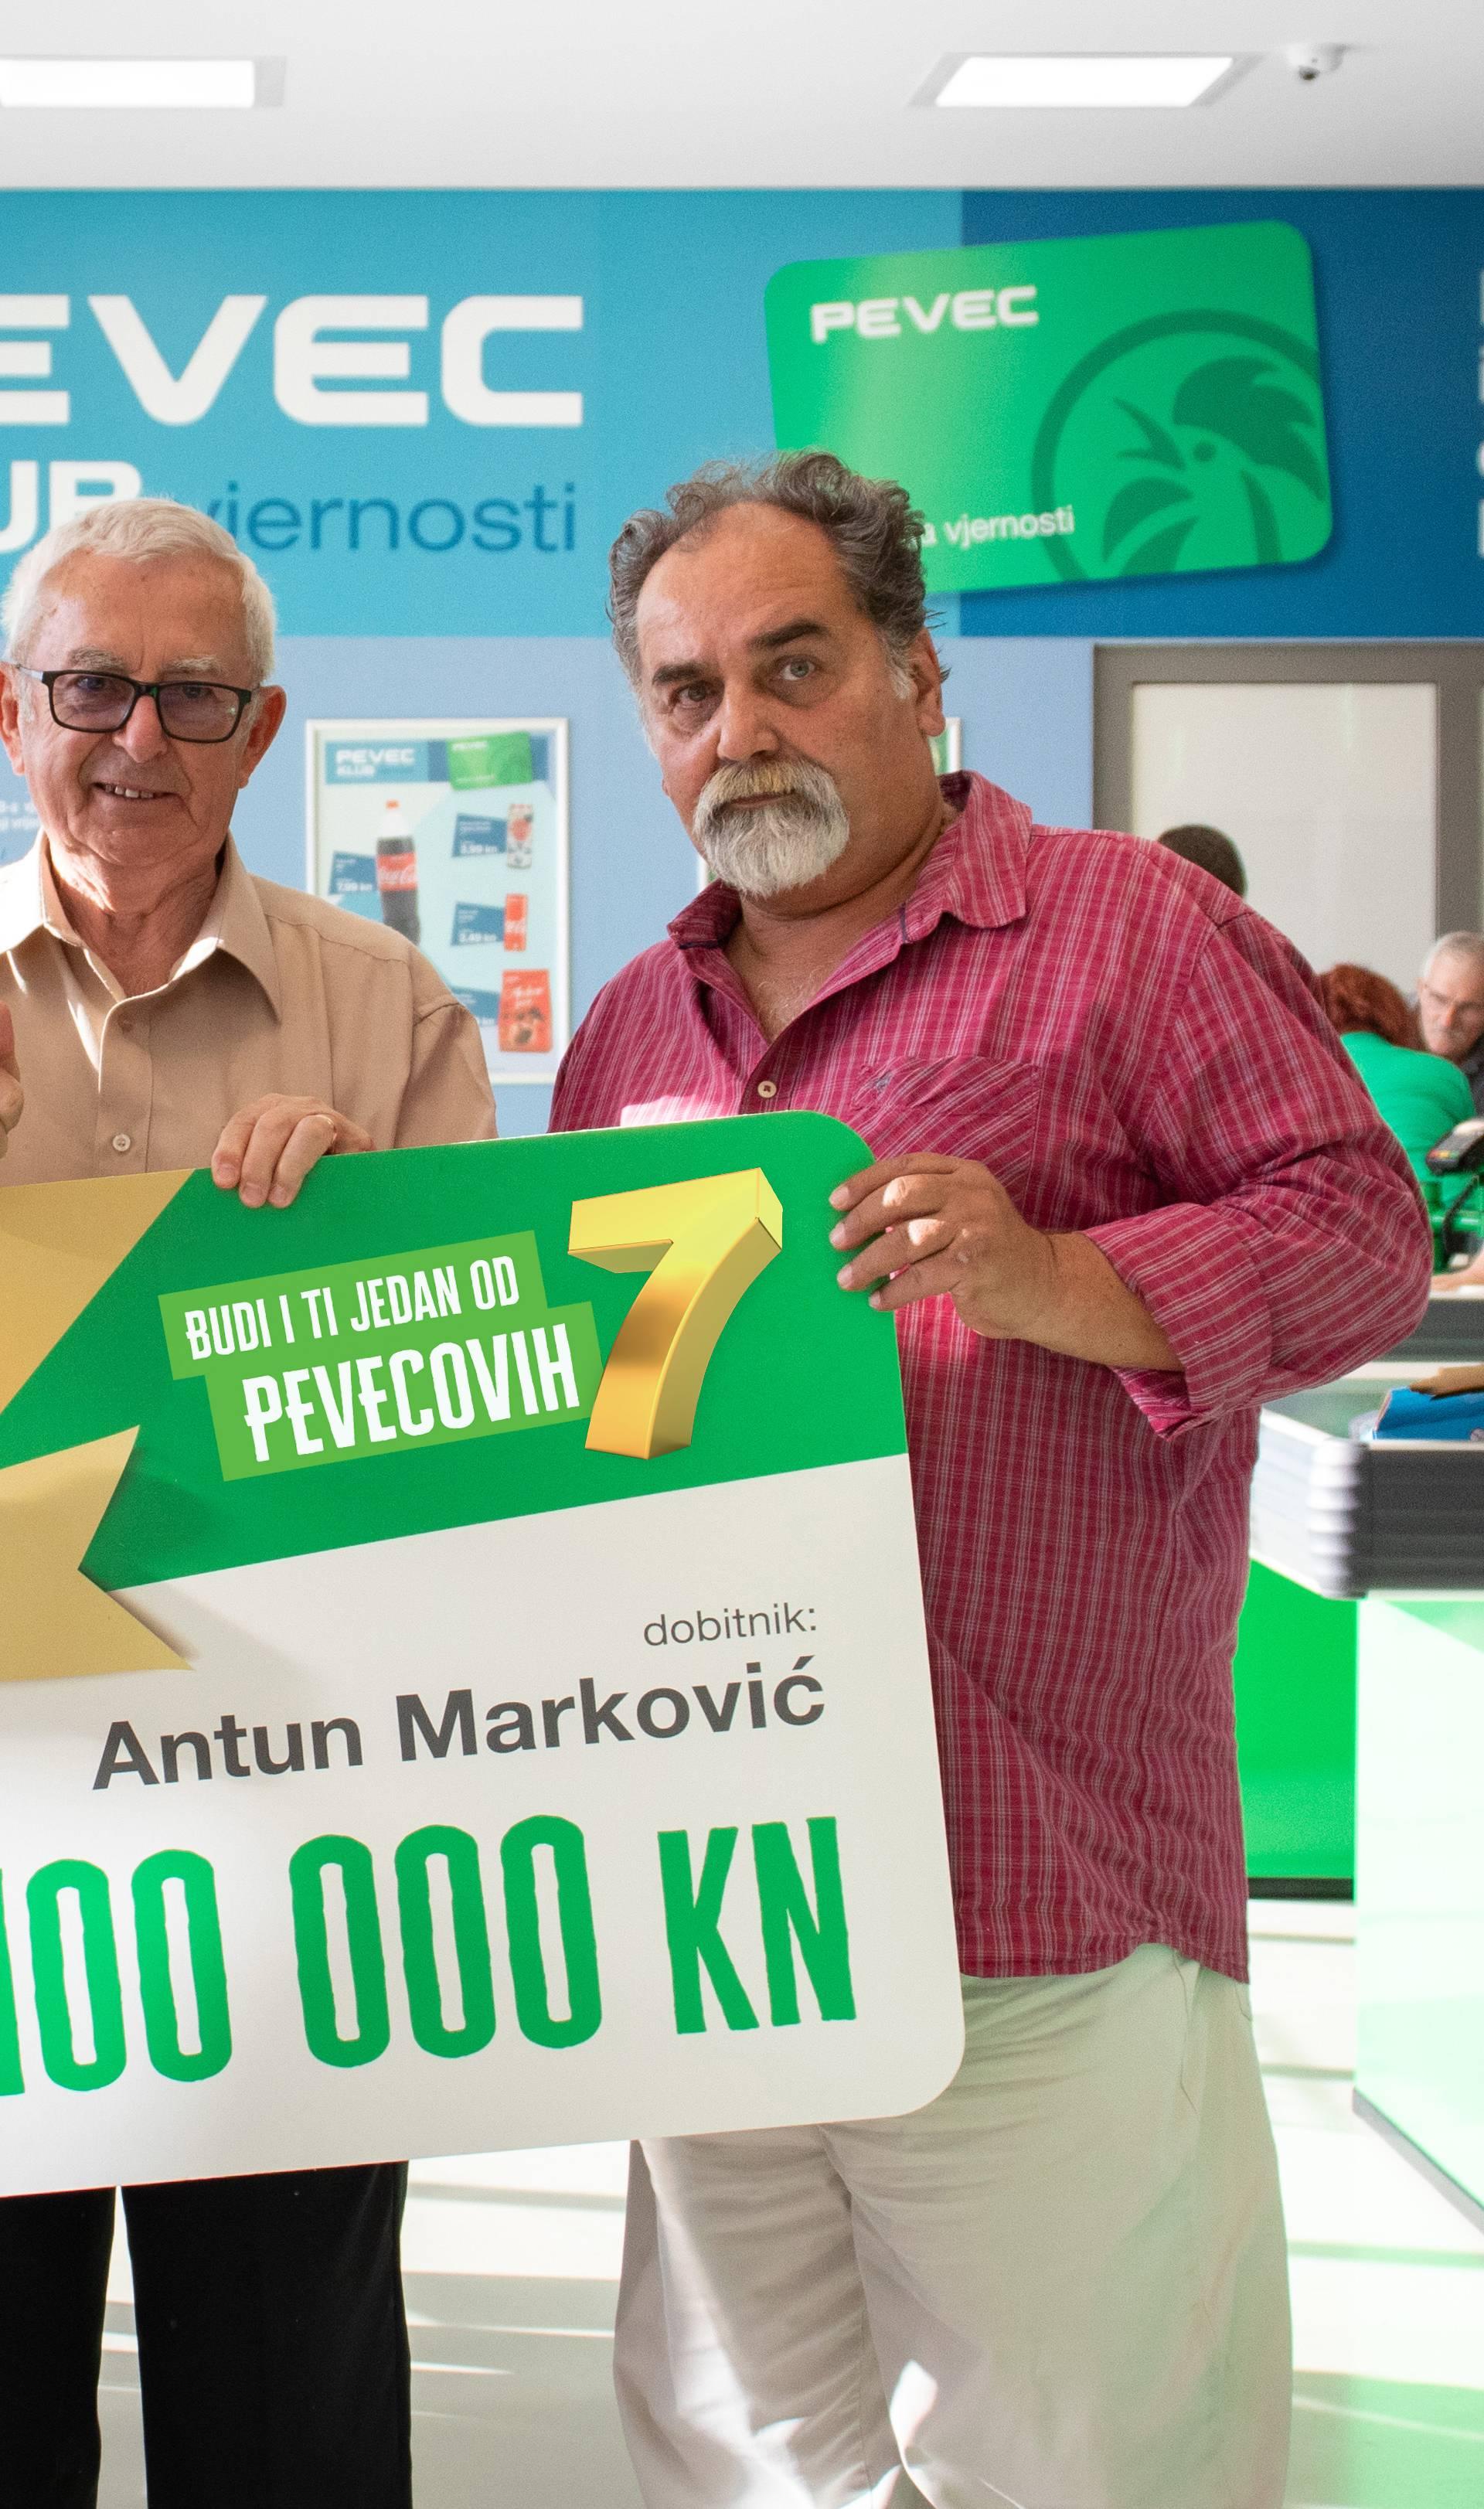 Prvih 100.000 kuna iz Peveca odlazi u Vukovar